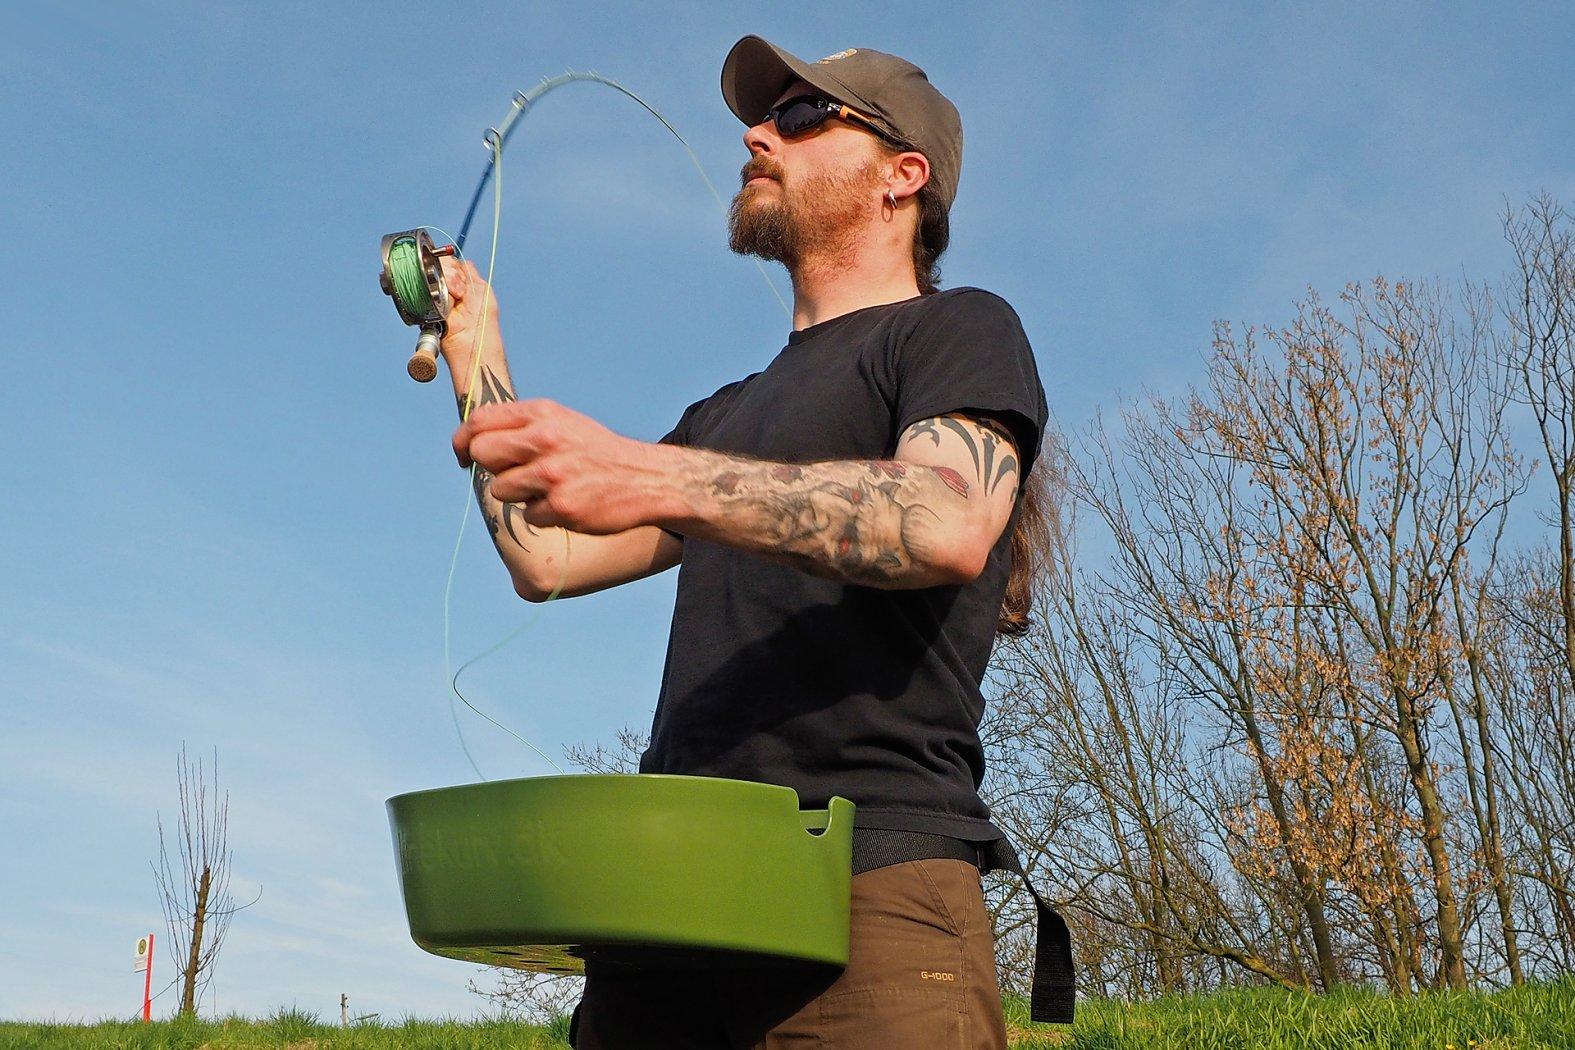 Mit Streamer auf Rapfen angeln